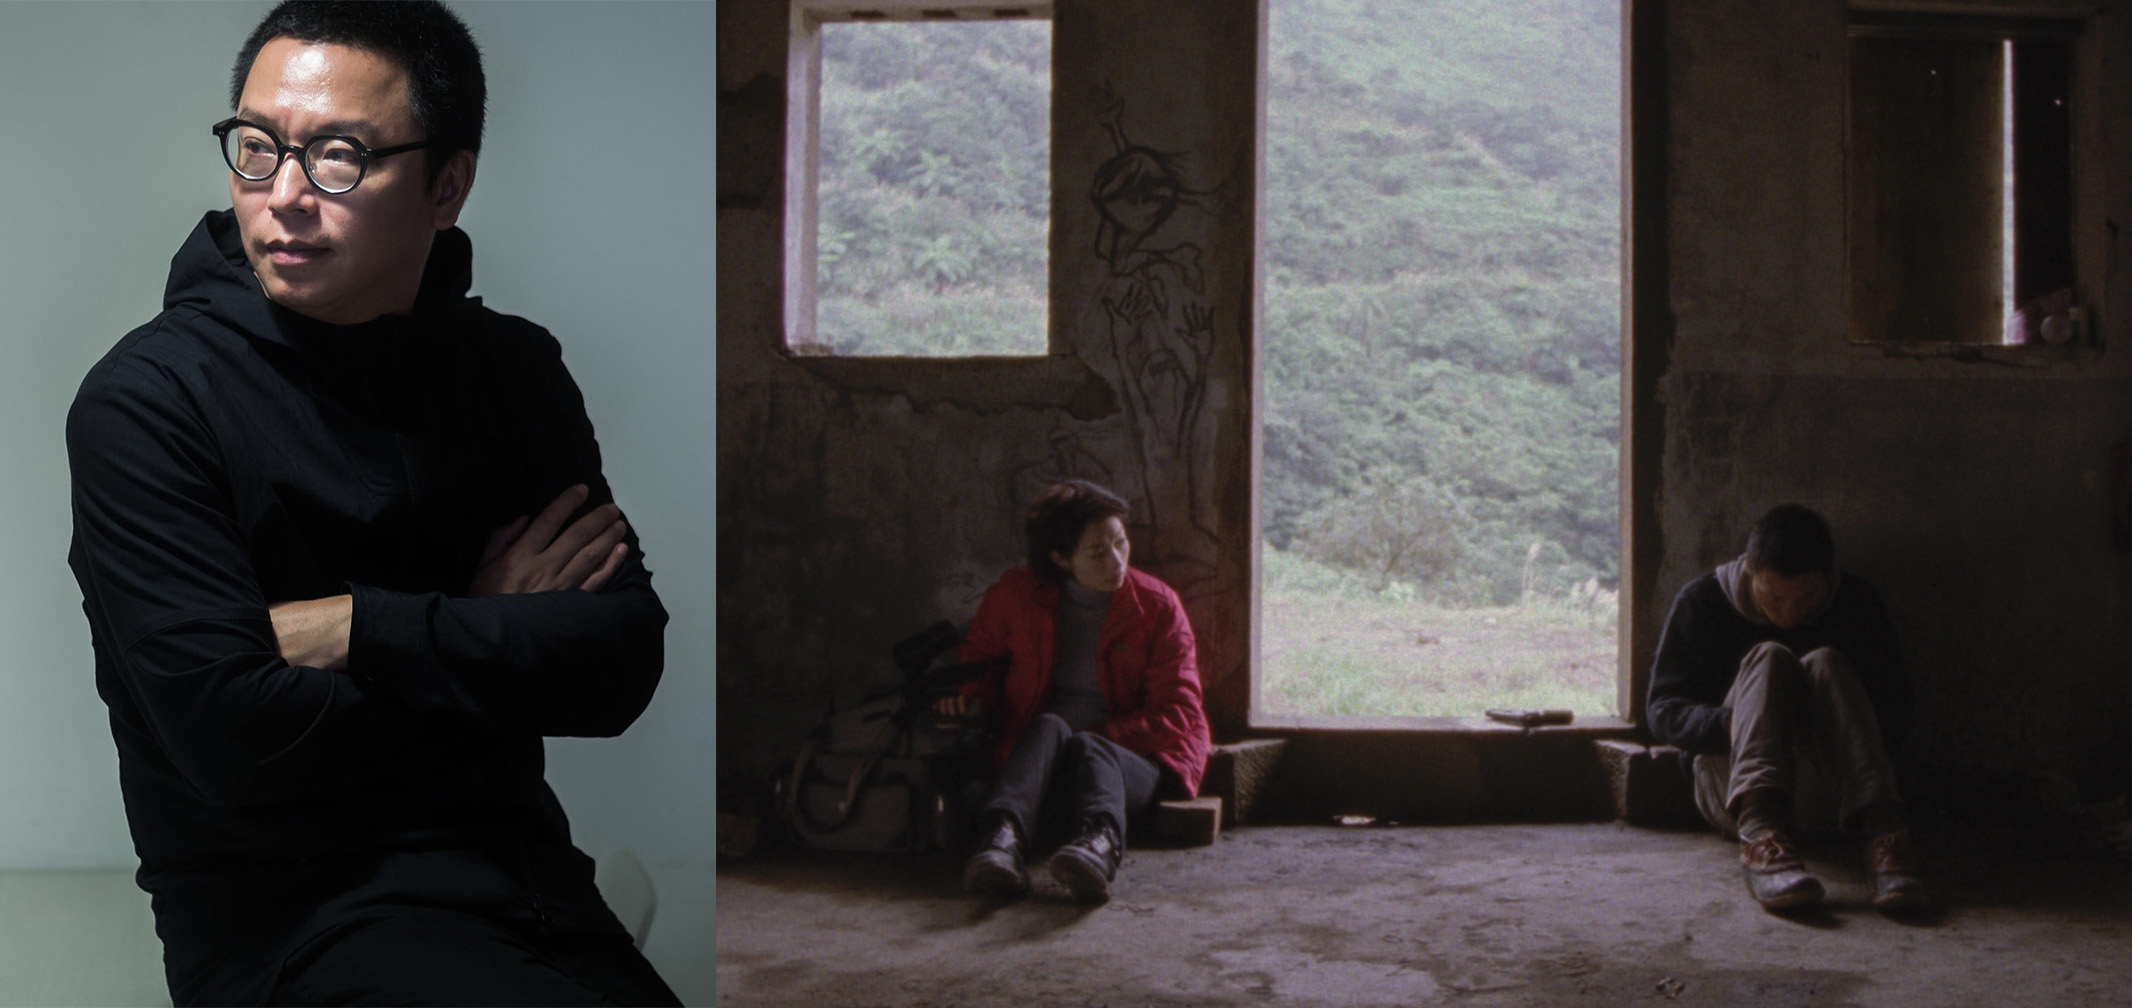 沈可尚的《与山》当年入选坎城影展竞赛